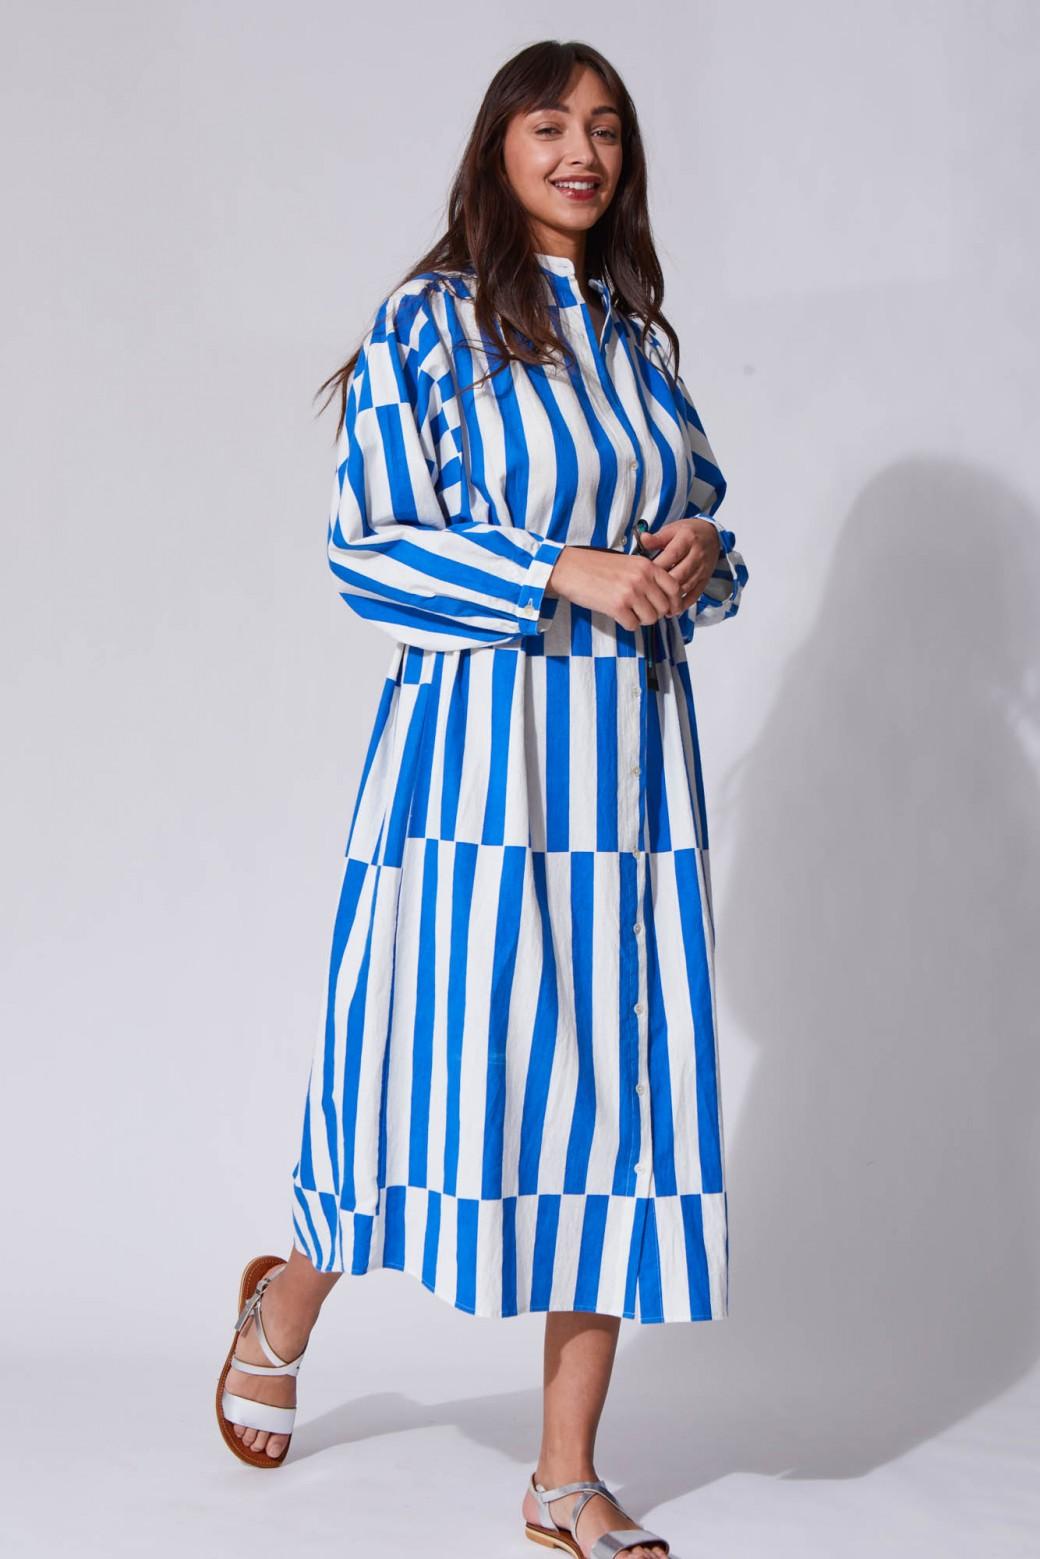 Eulalie Blue Dress